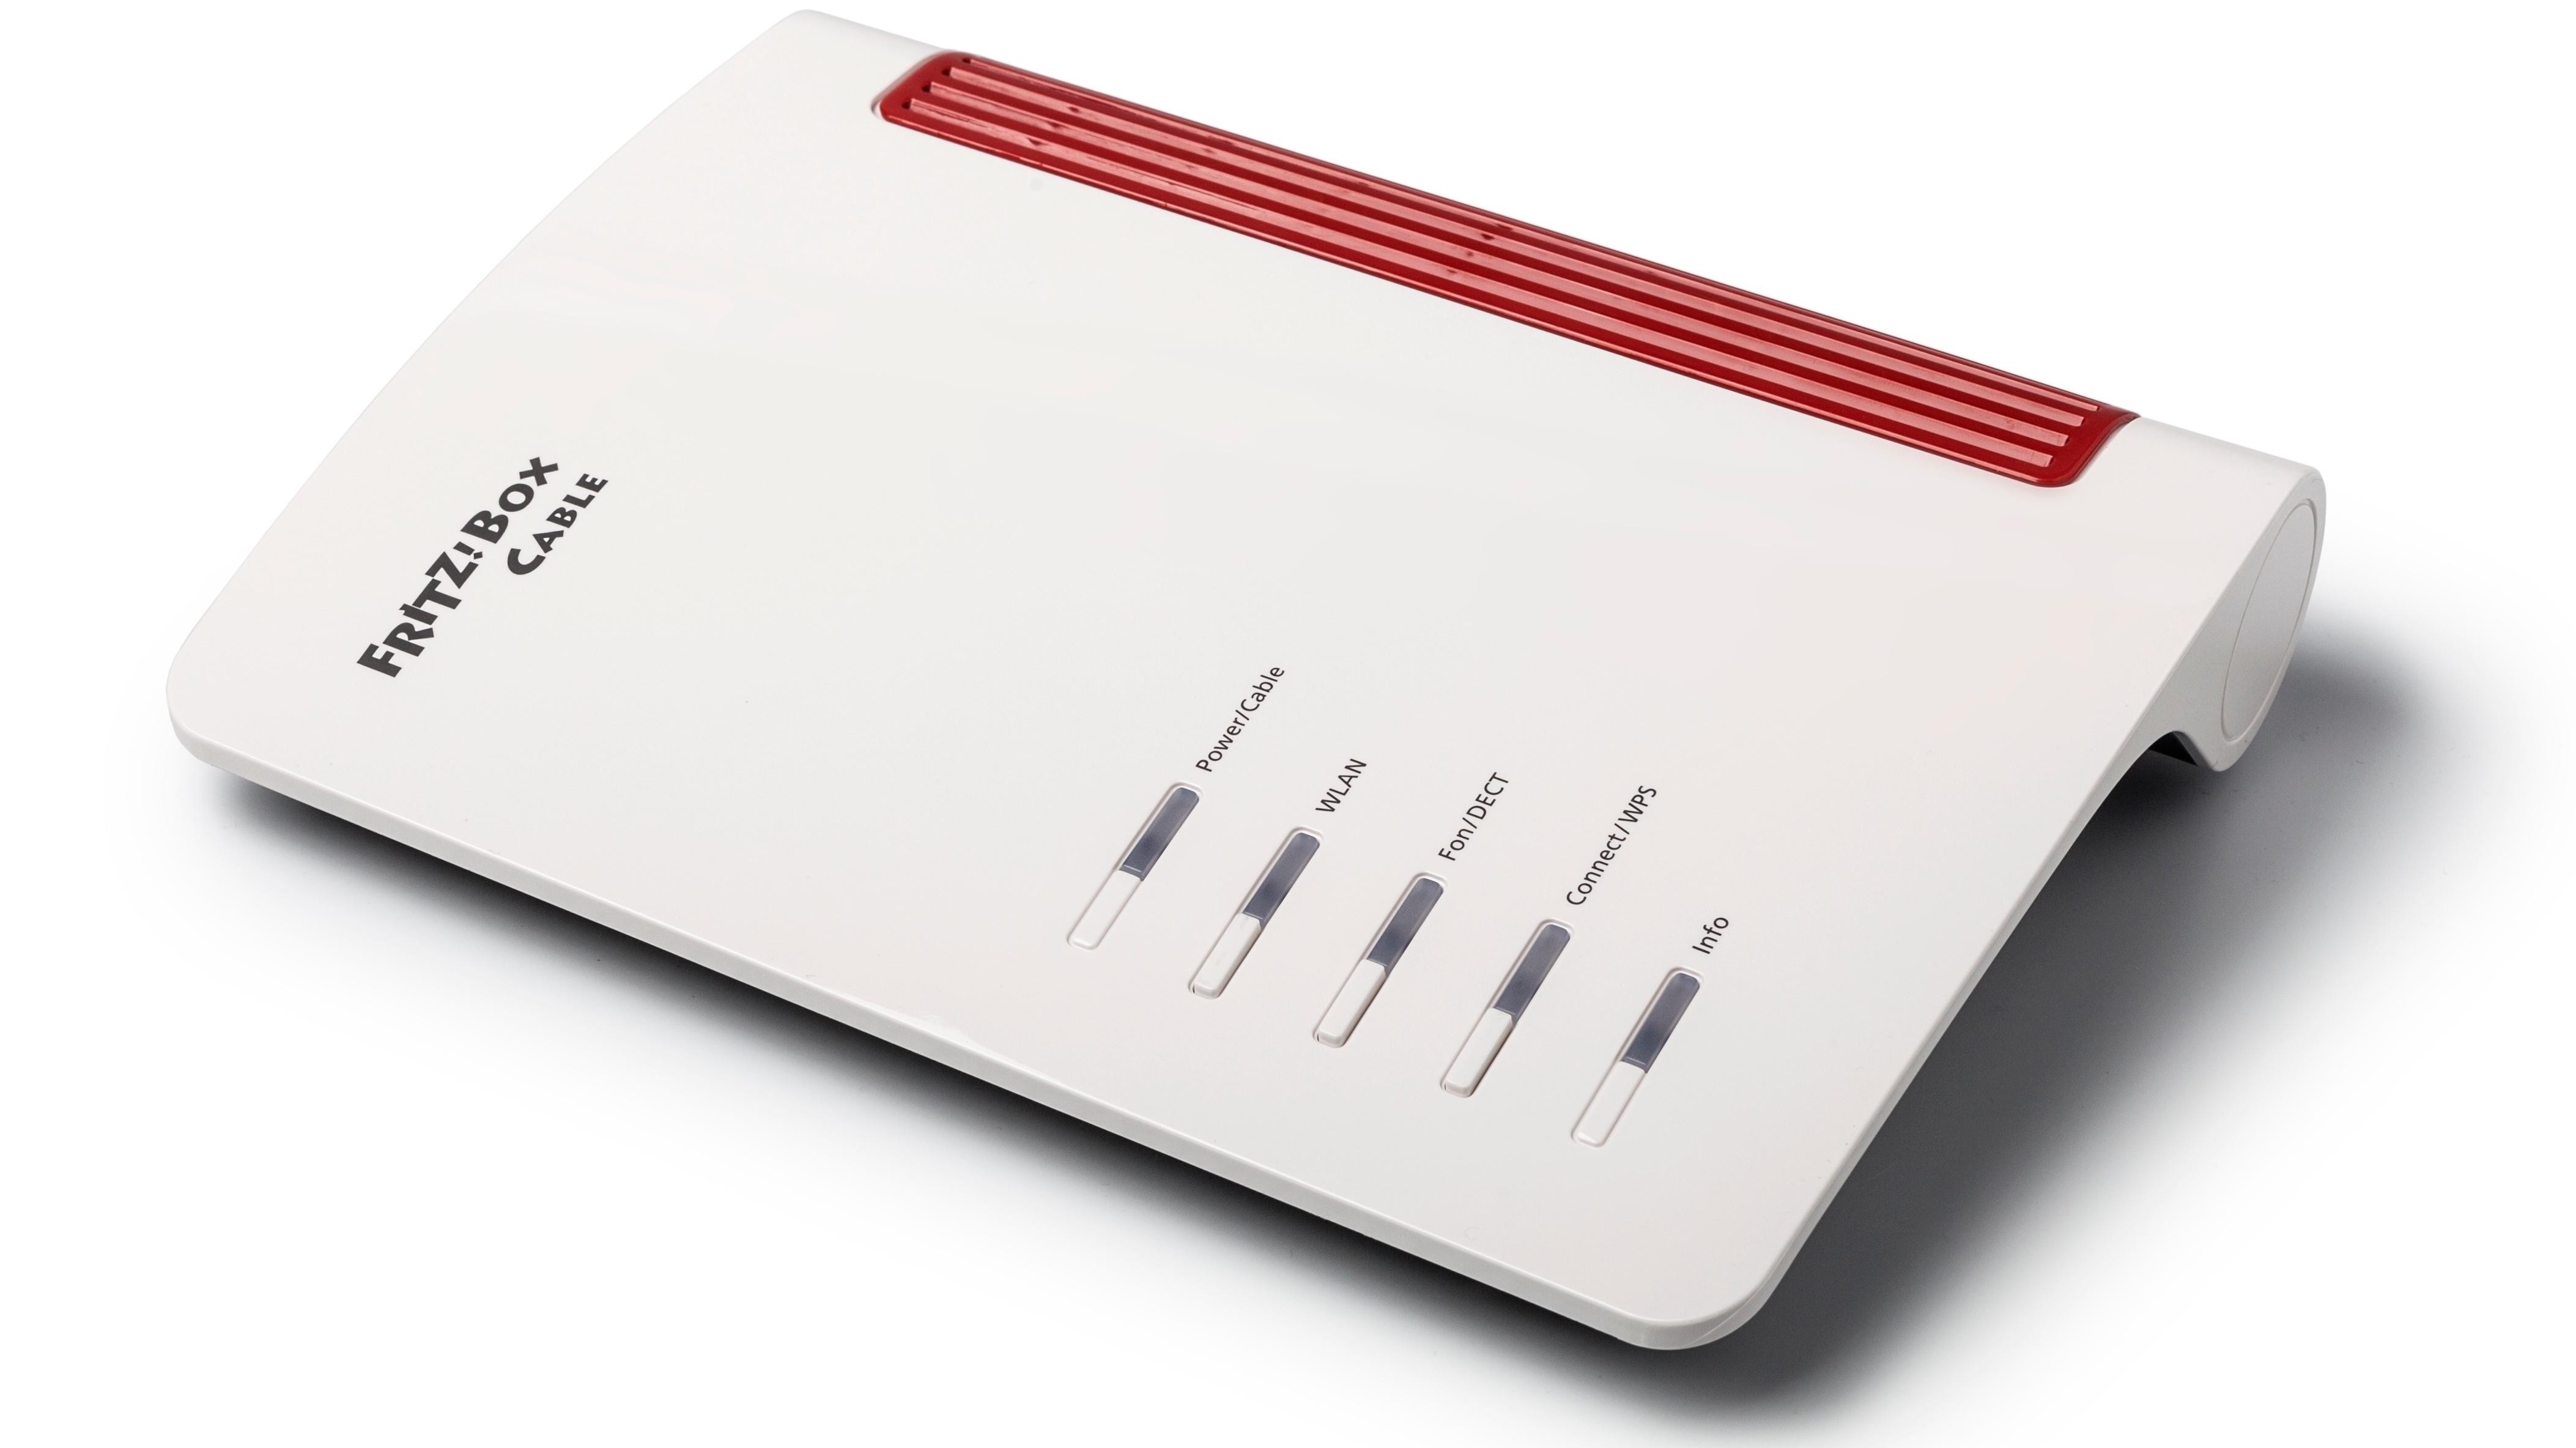 Fritzbox 20 Erster AVM Router mit Wi Fi 20 knackt die Gigabit ...